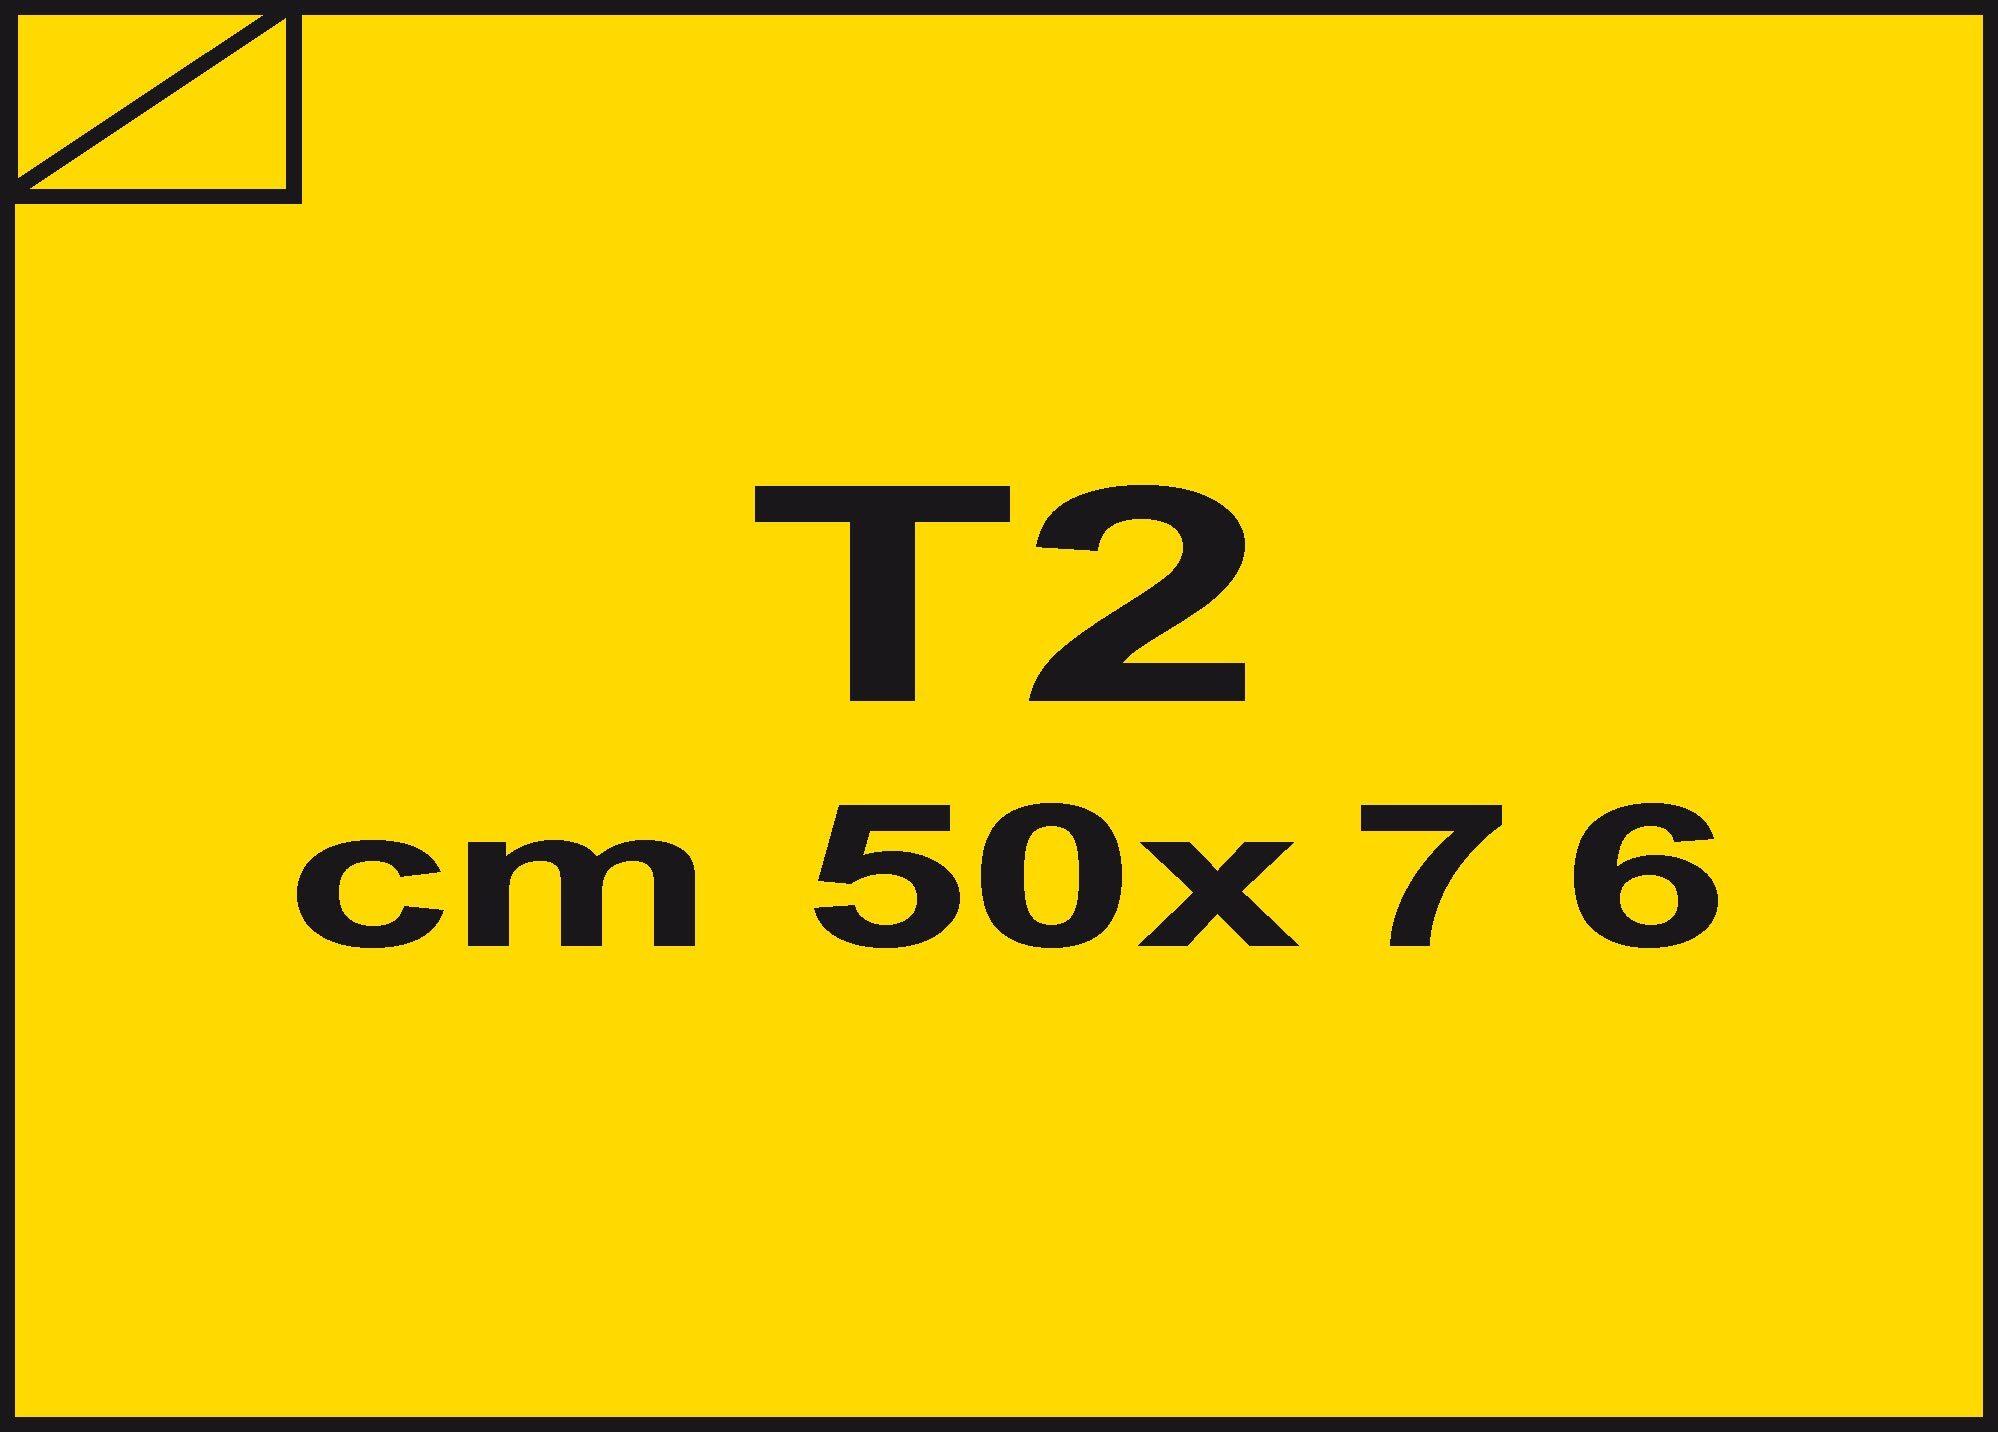 carta Carta velina Giallo 71, formato T2 (50x76cm), 18grammi x mq.